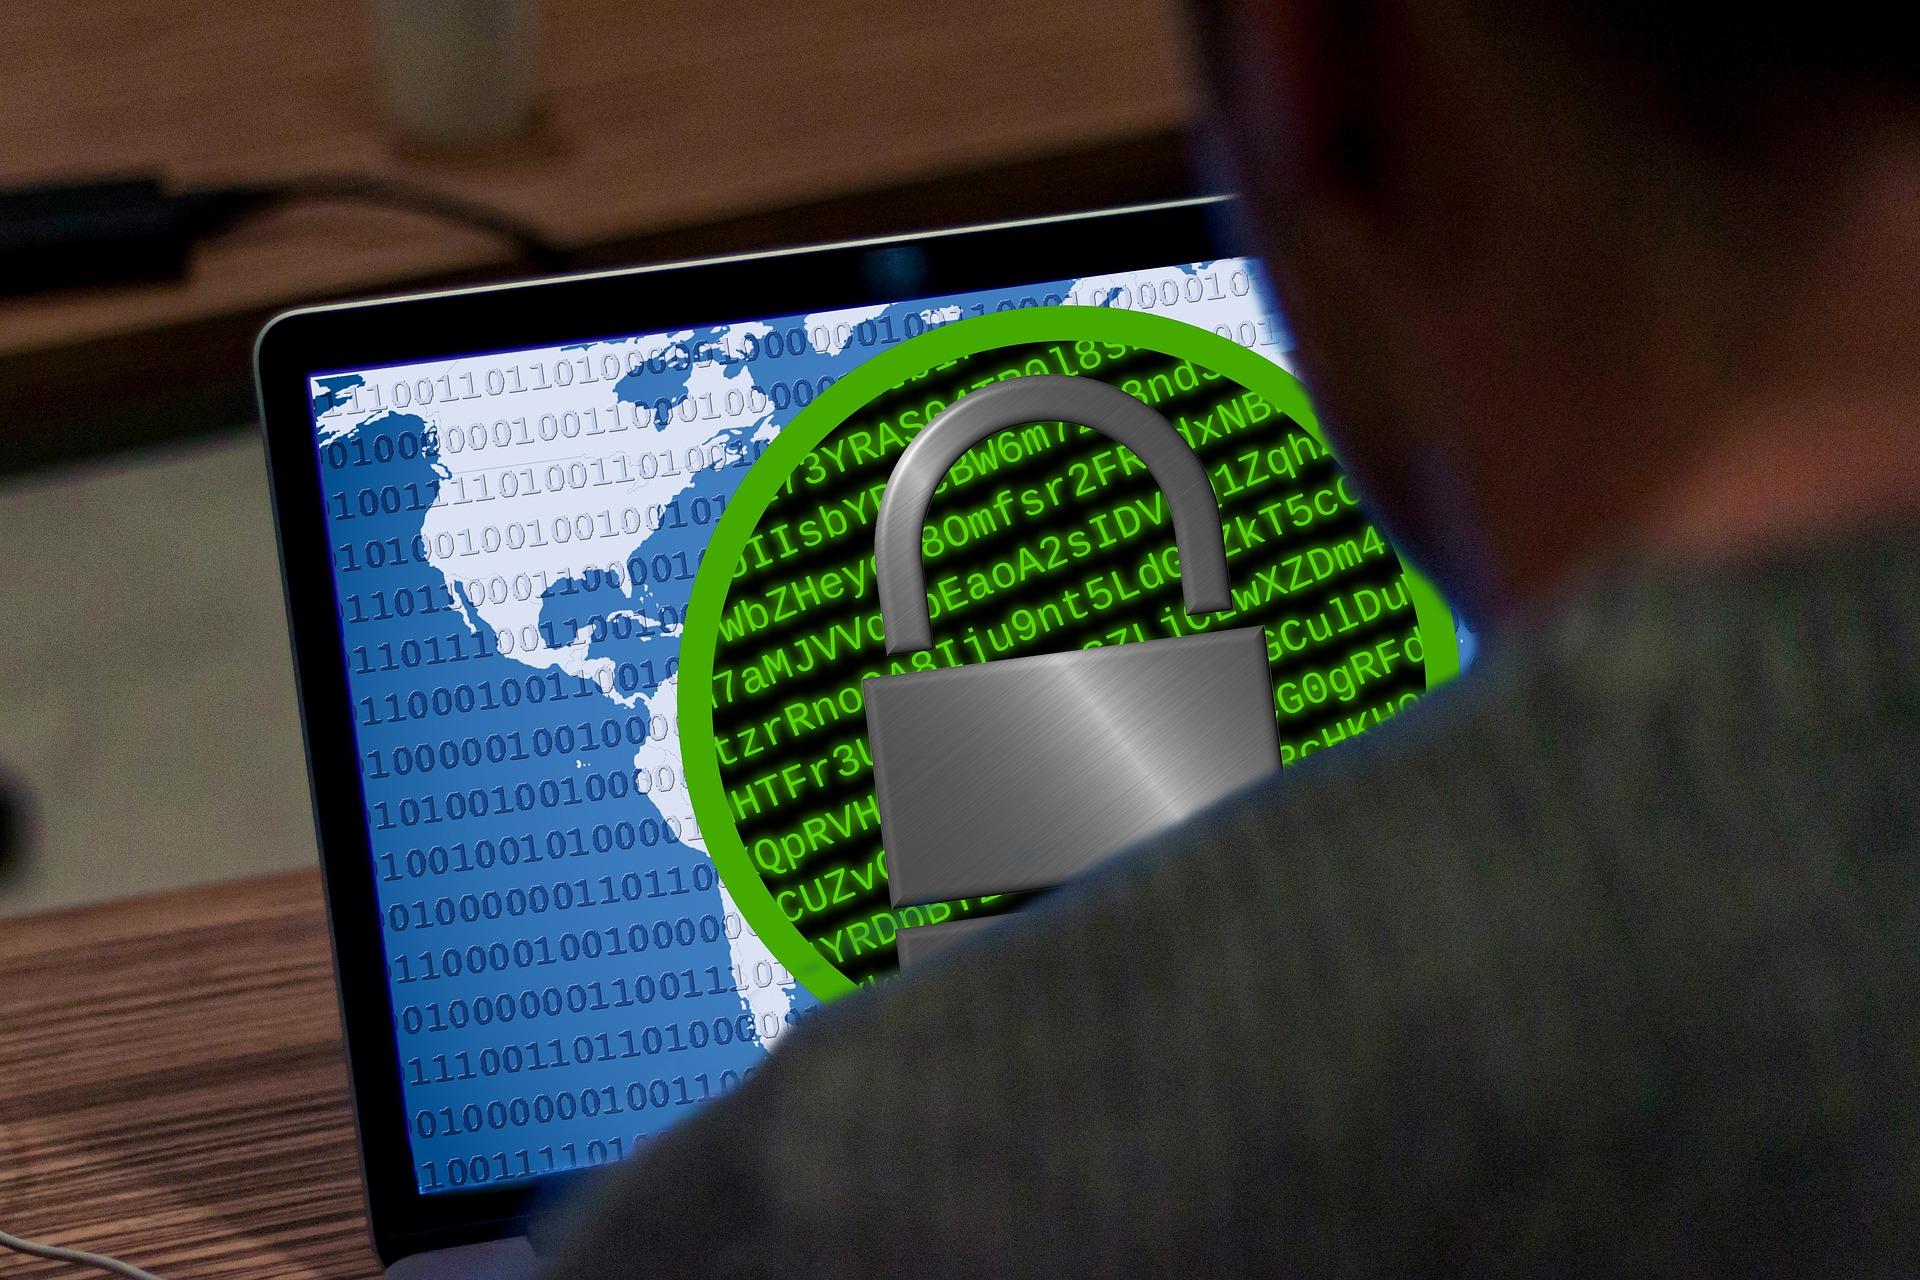 Ransomware verwijderen